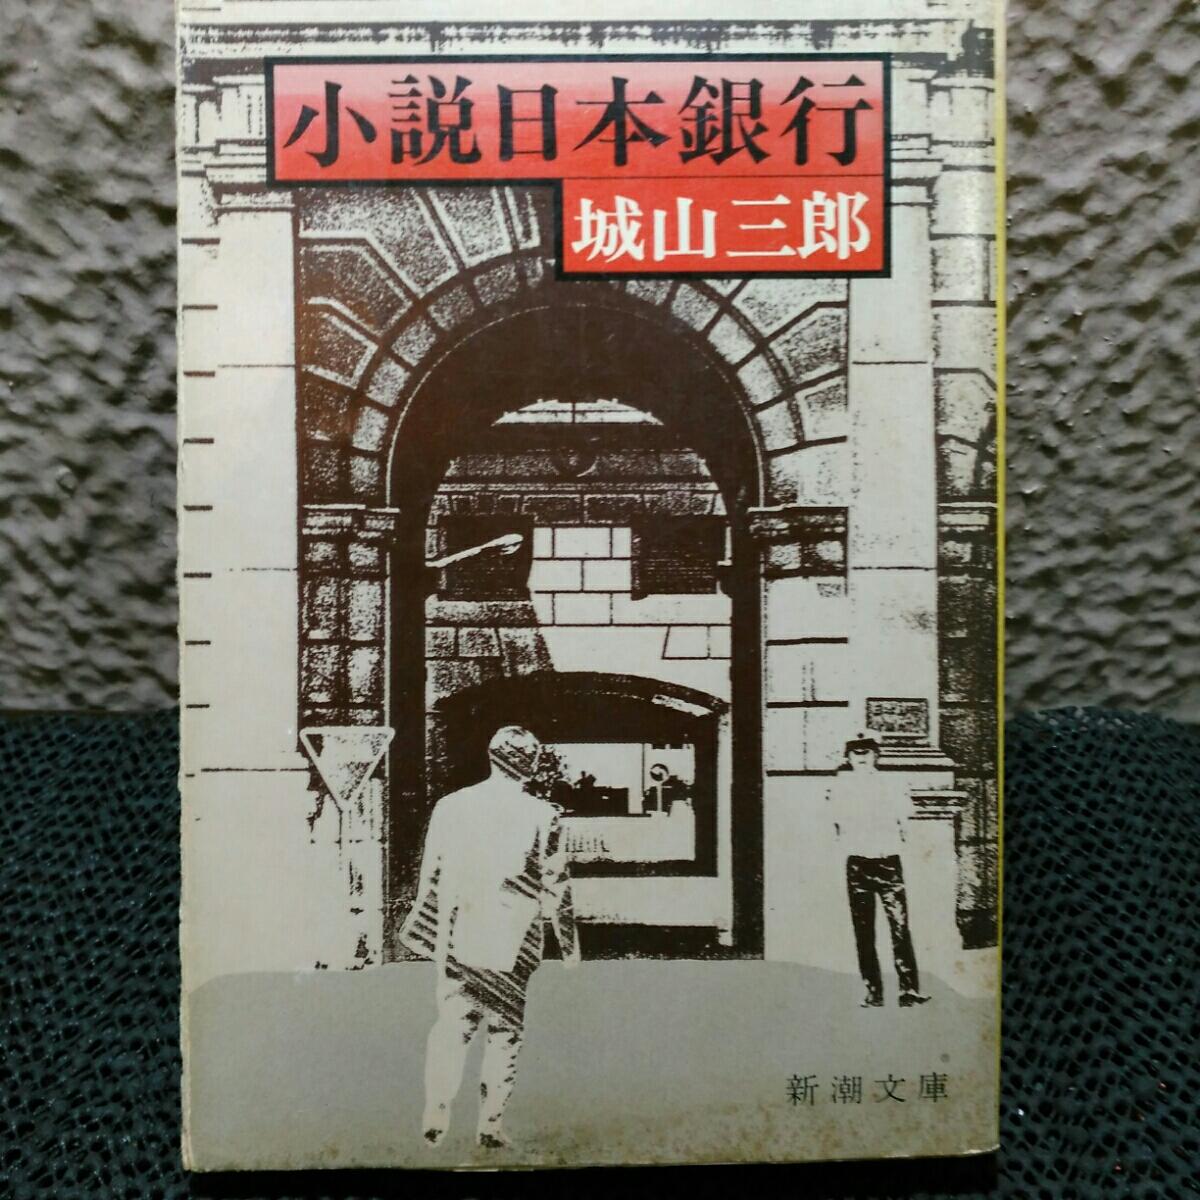 小説日本銀行 城山三郎 他一冊_画像1